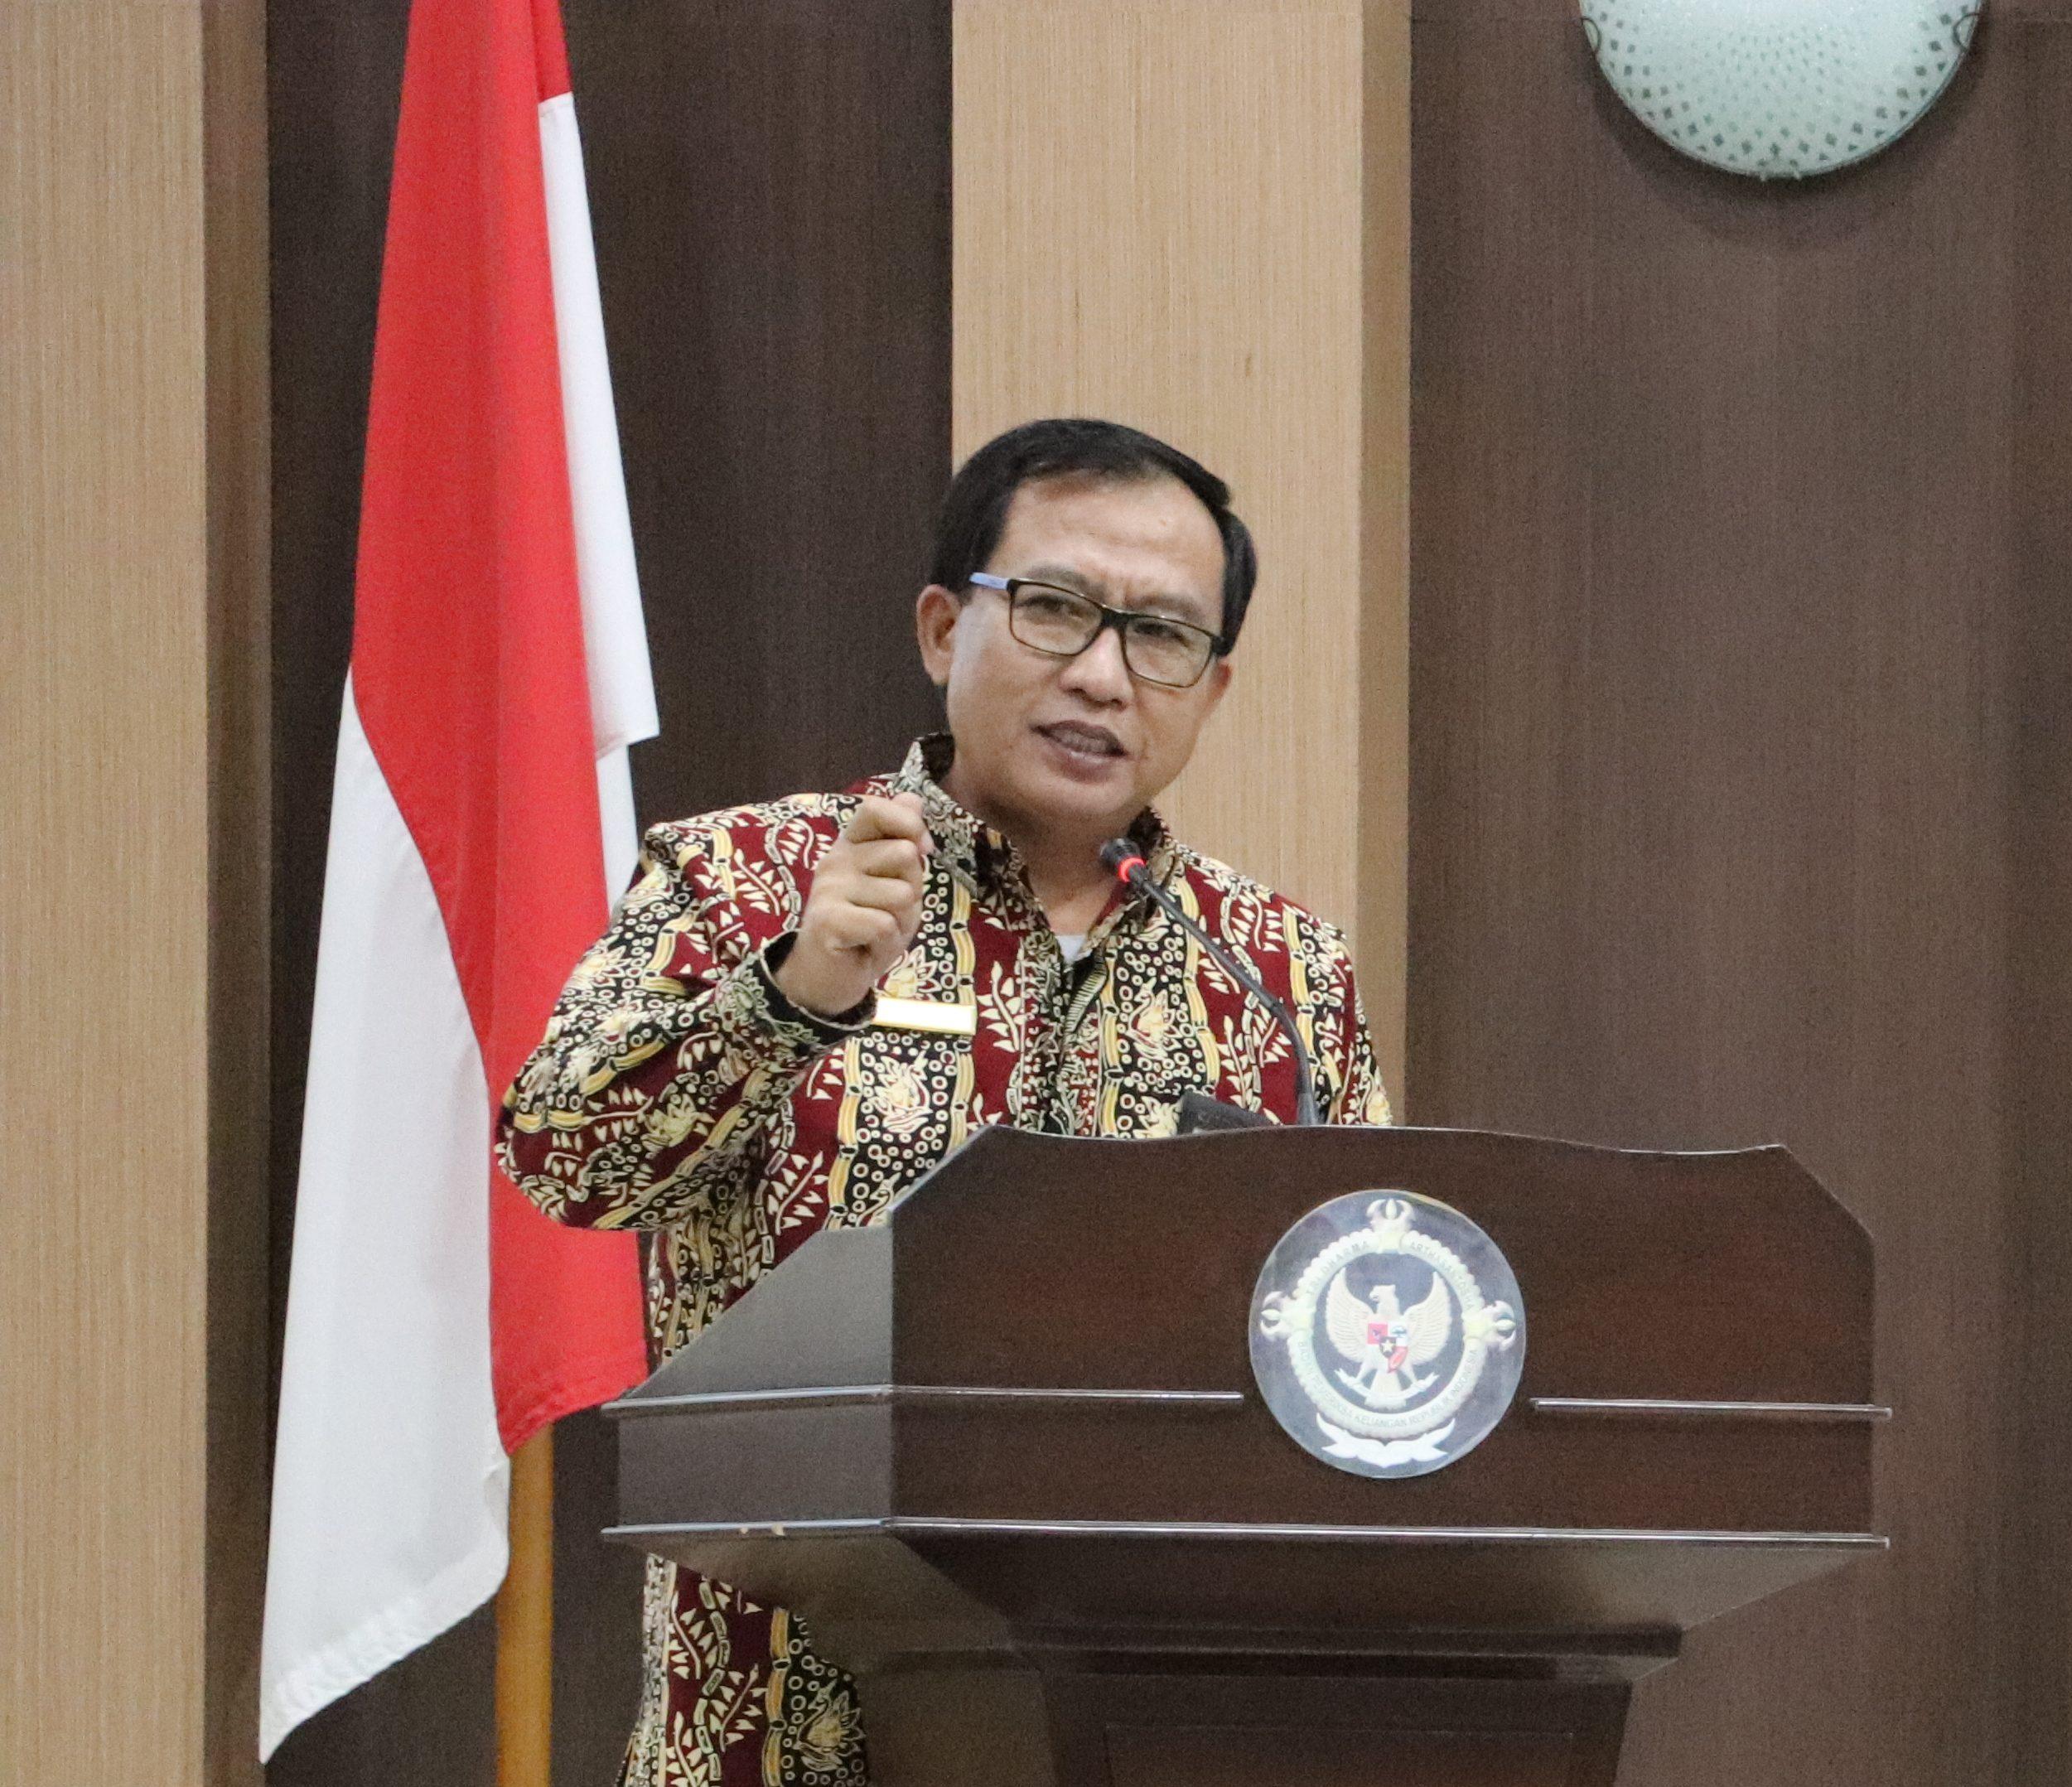 Penyerahan Laporan Hasil Pemeriksaan Kinerja, Pemeriksaan Dengan Tujuan Tertentu, dan Ikhtisar Hasil Pemeriksaan Sementara Semester I Tahun 2019 Kepada Sembilan Pemerintah Daerah di Provinsi Kalimantan Tengah